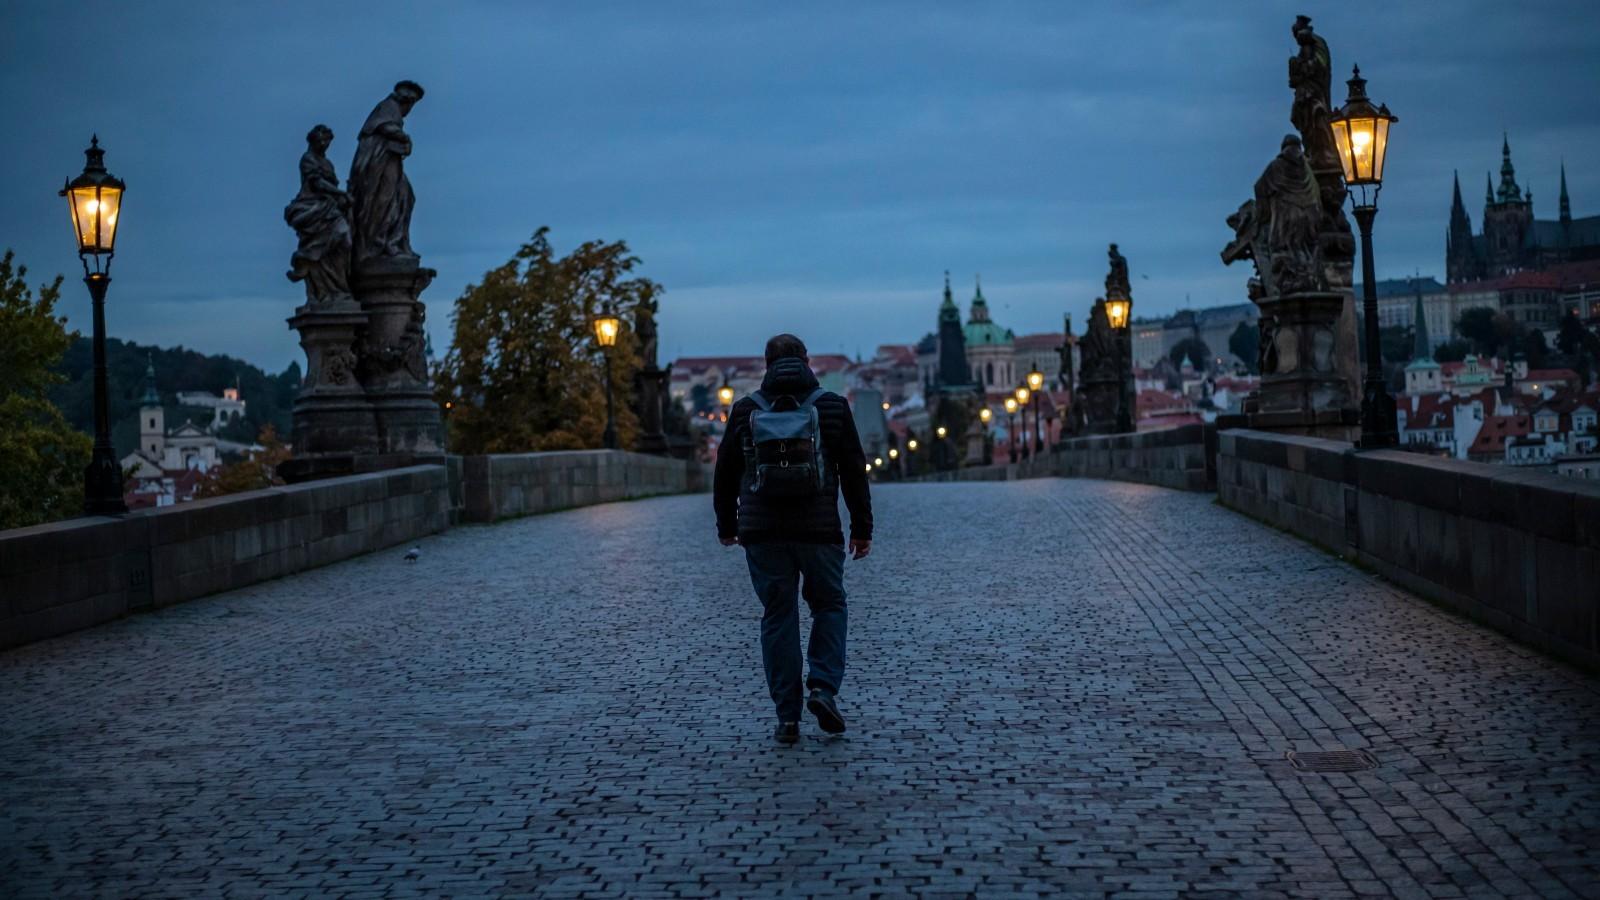 12.10.2020 | Zakażonych szybko przybywa w całej Europie. Zła sytuacja w Czechach i na Słowacji